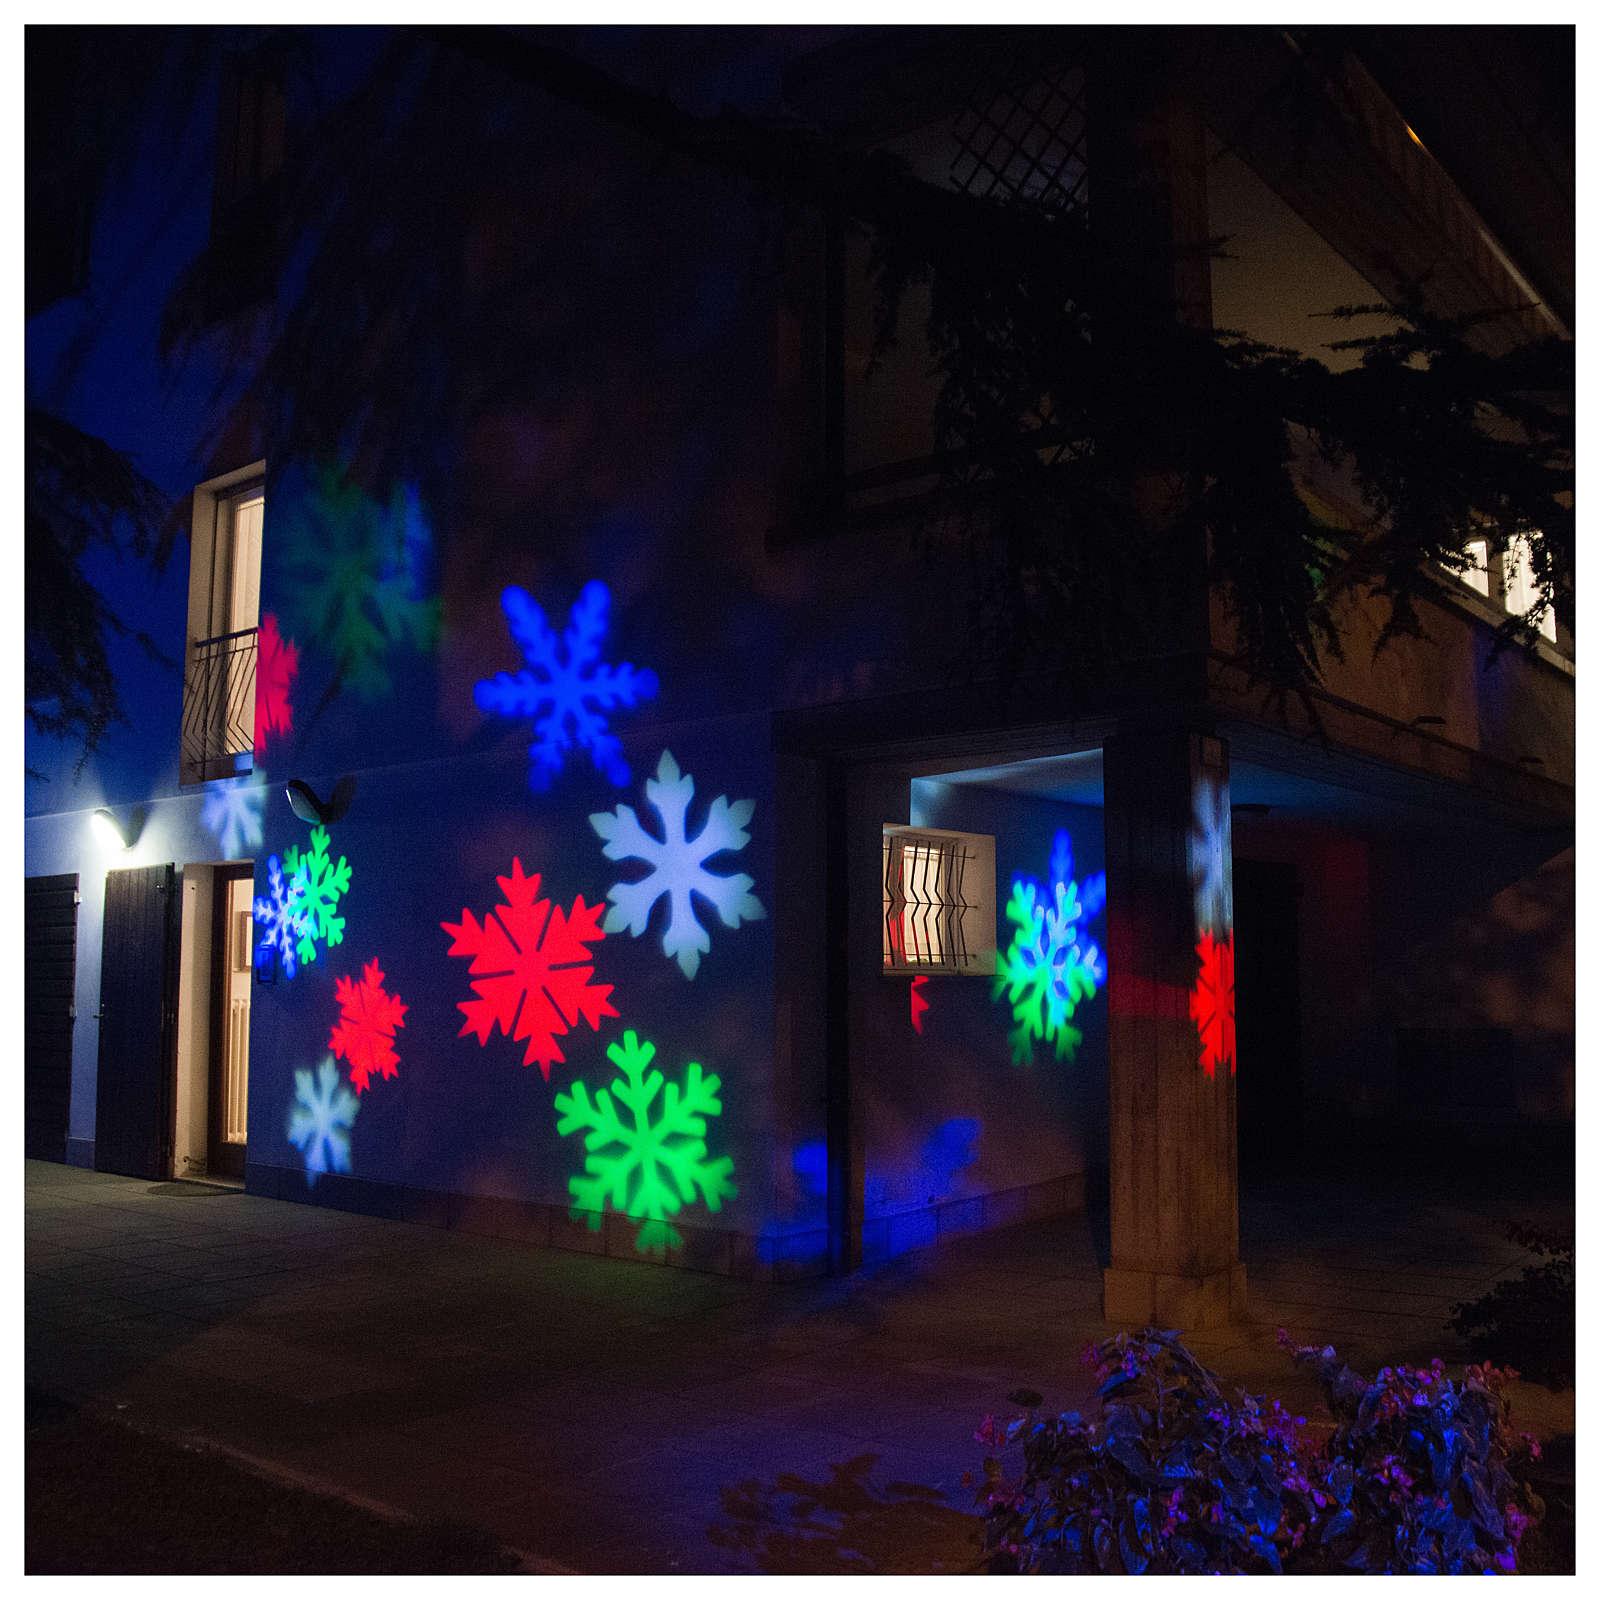 STOCK Projetor LED floco de neve corado interior exterior 3